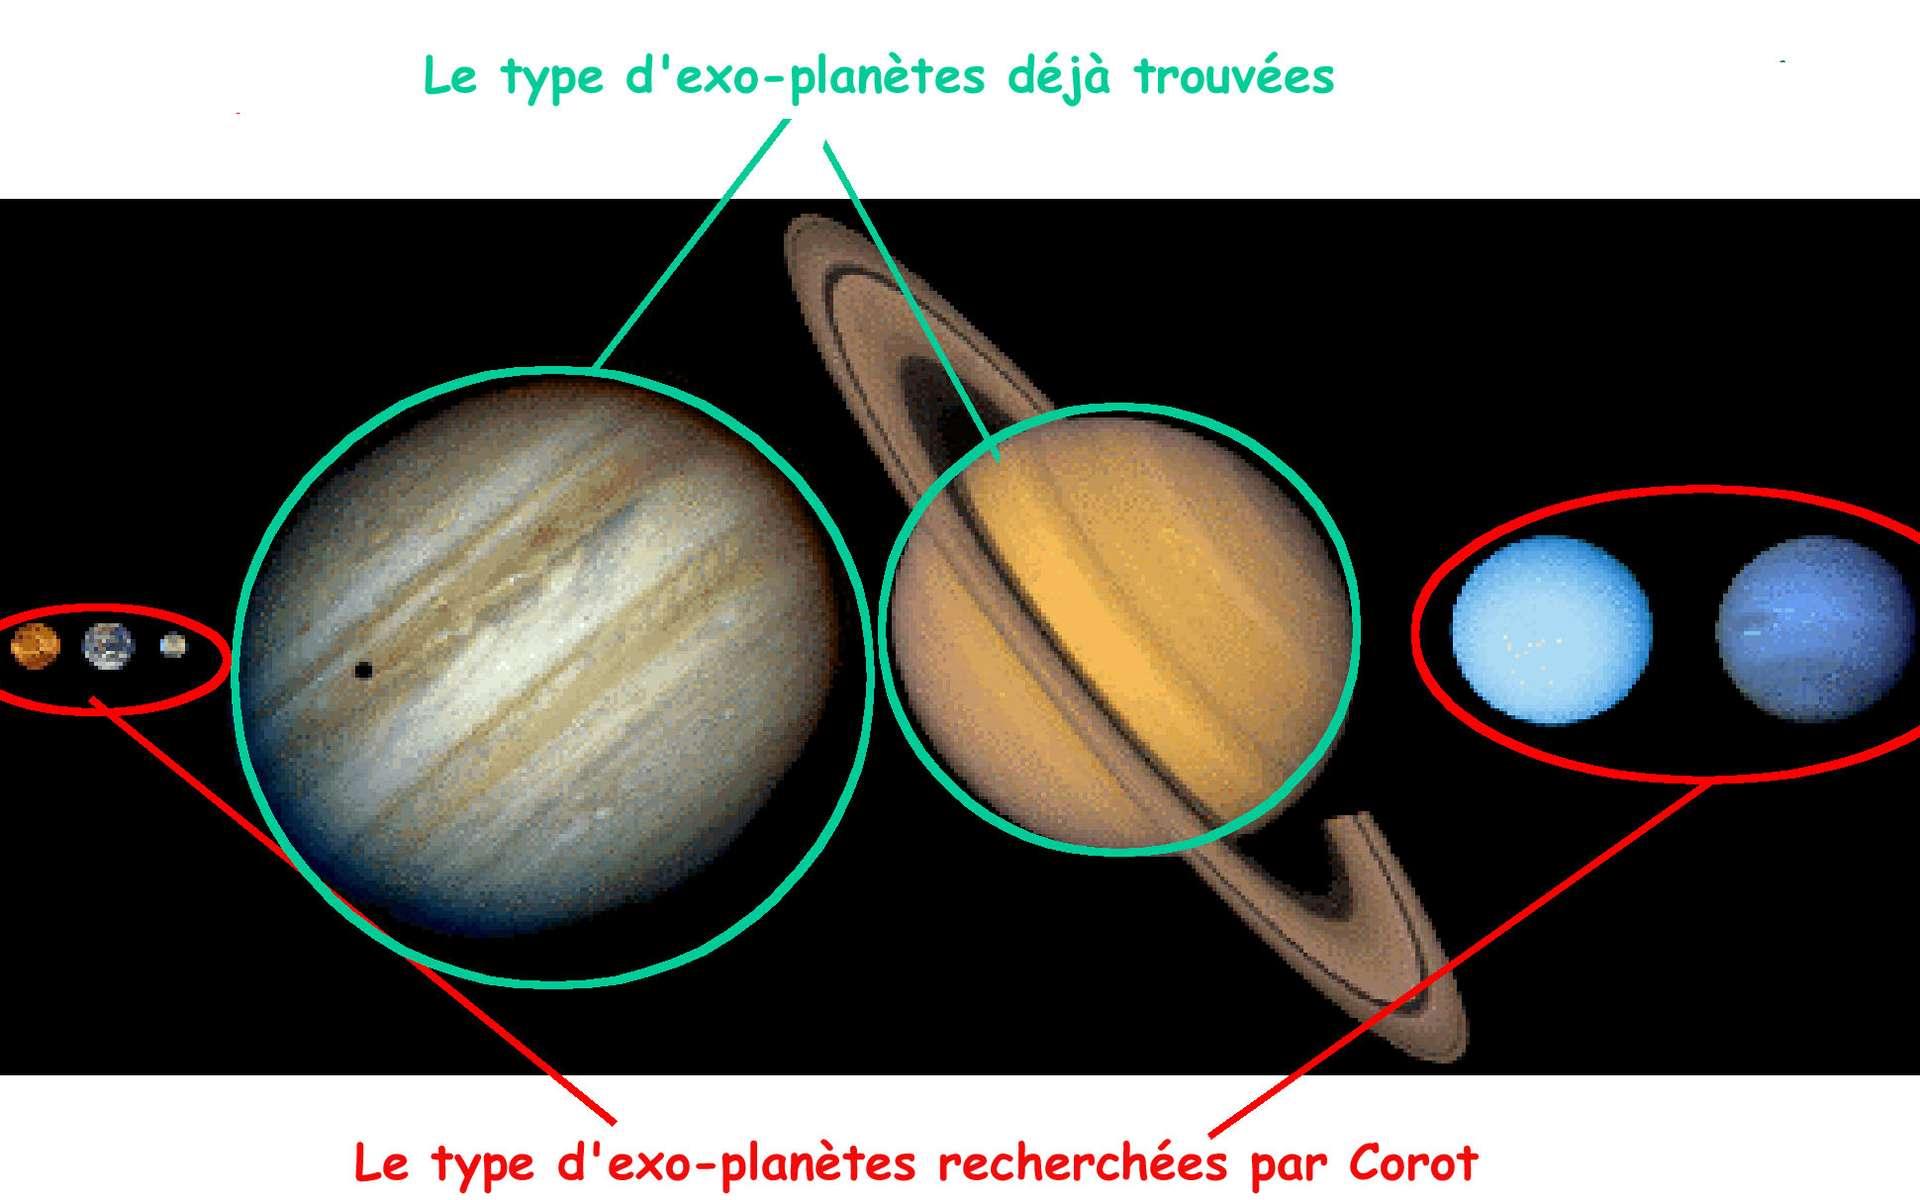 Corot est suffisamment sensible pour détecter d'autres exoplanètes que des Jupiters. Crédit : Lesia